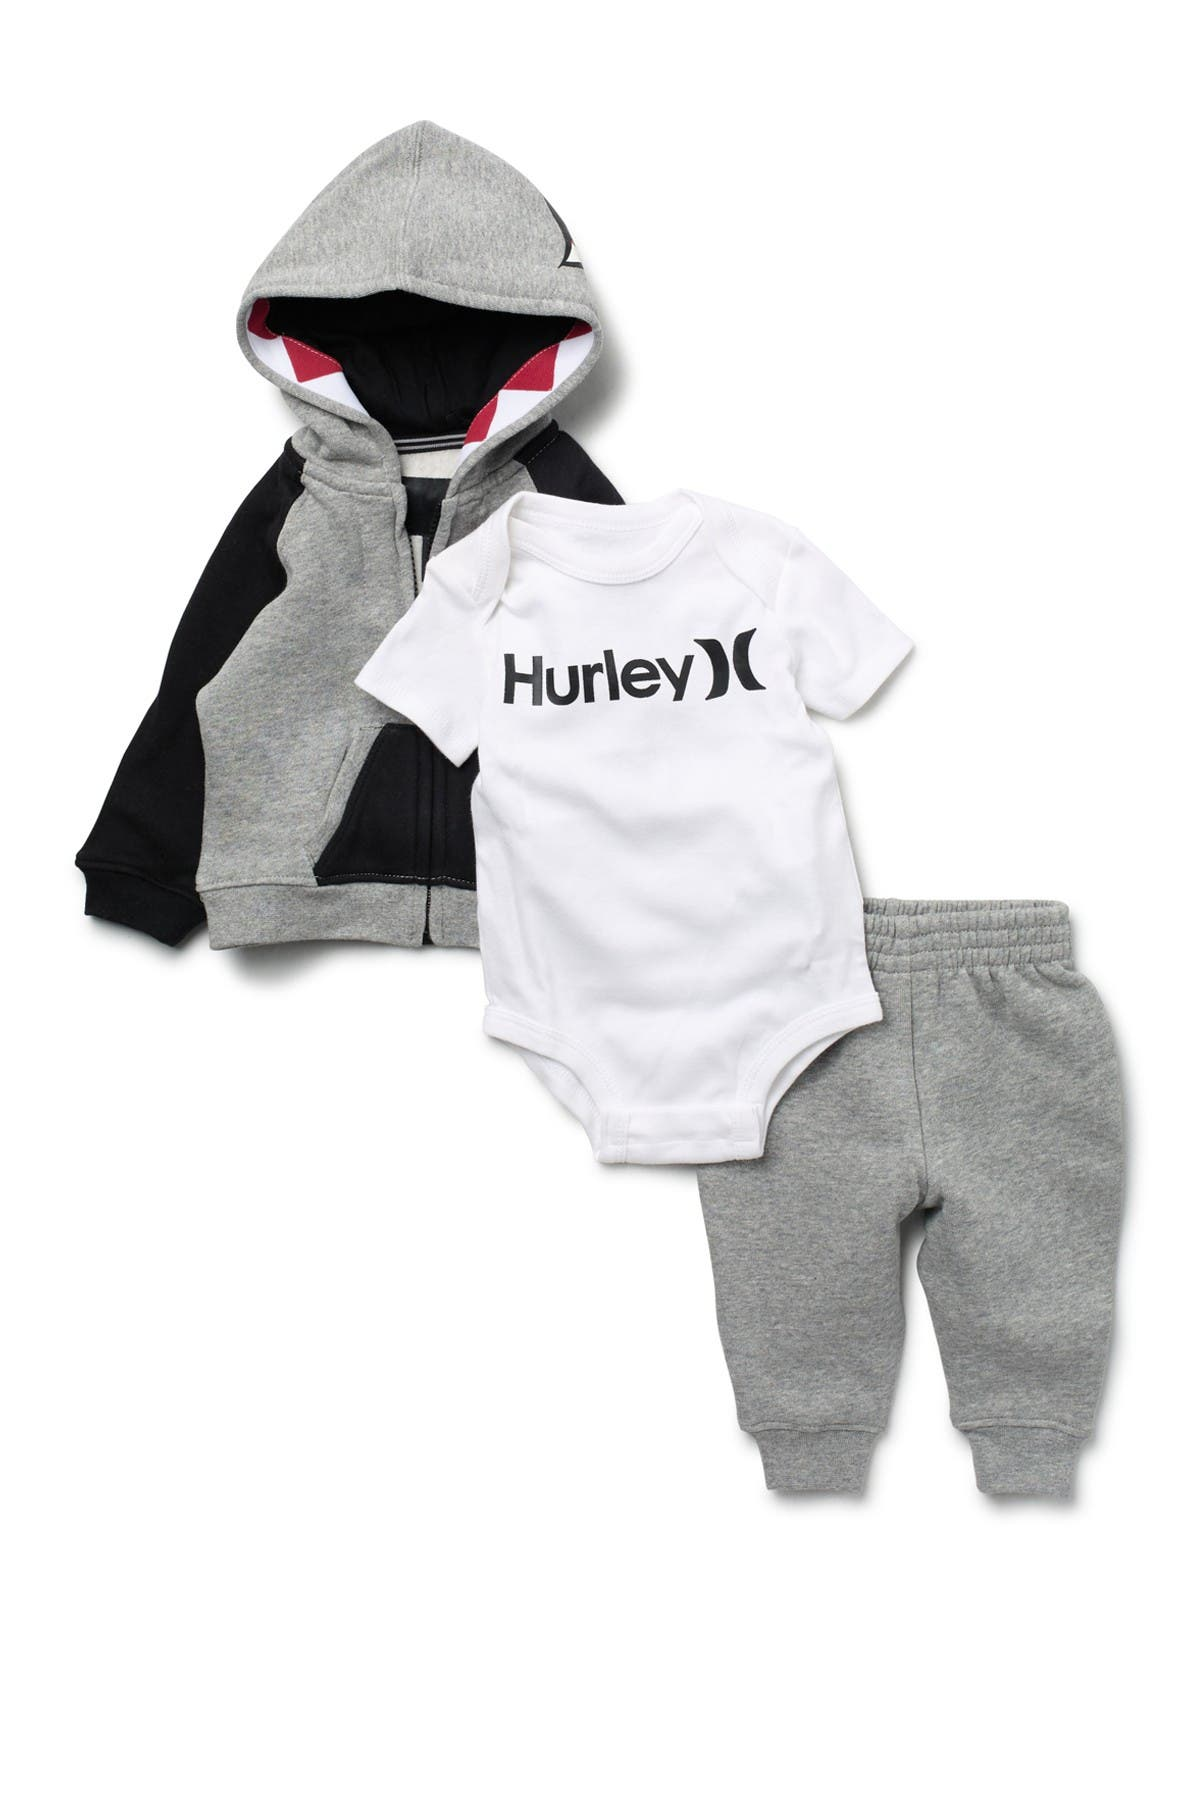 Image of Hurley Sharkbait Gift Set